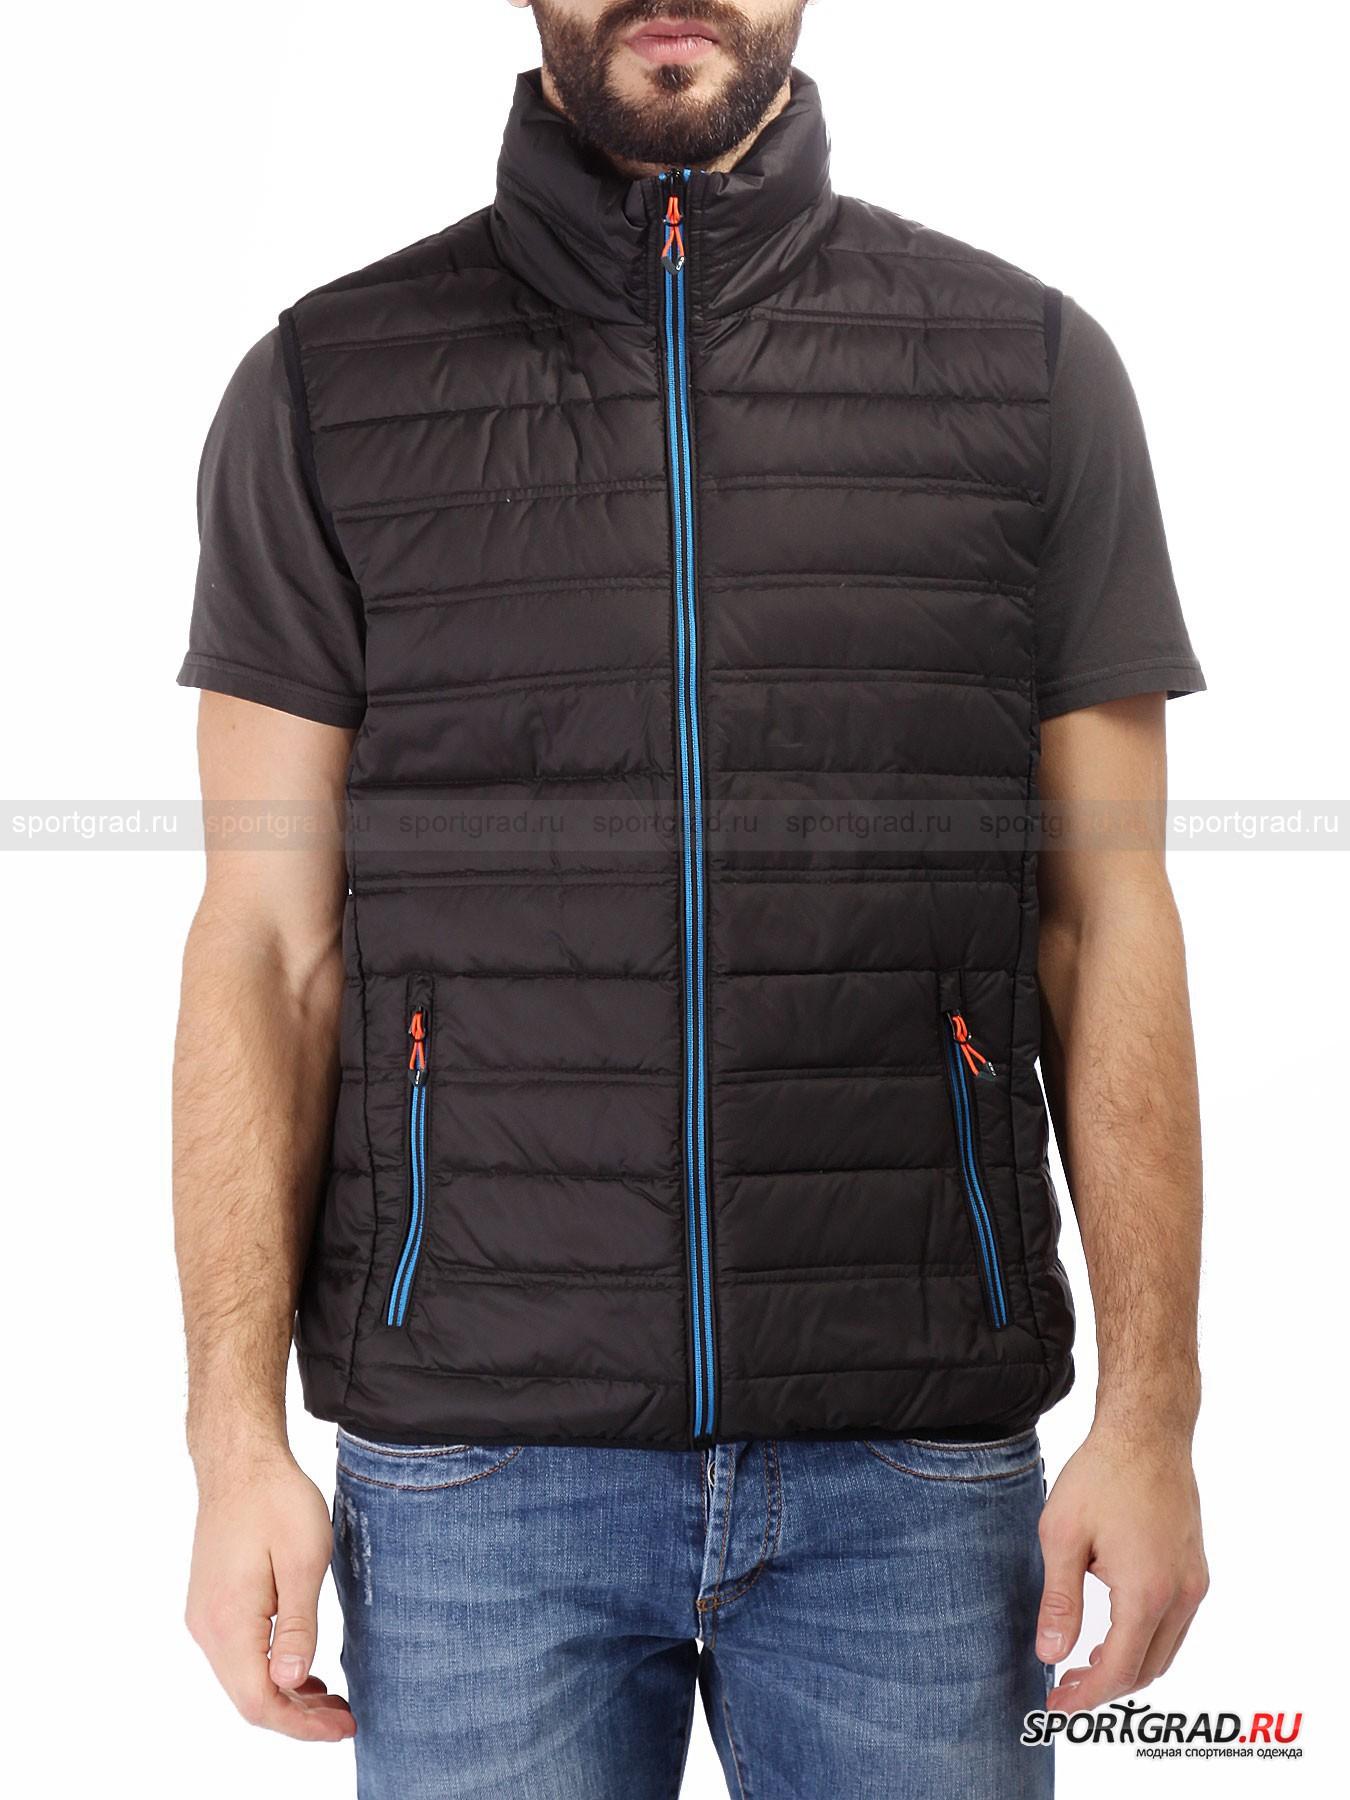 Мужской жилет CMP Ultra Light DownЖилеты<br>Итальянский бренд CMP занимается производством достаточно универсальной одежды, которая одинаково подходит, как для загородного отдыха, так и для повседневной носки.<br><br>Мужской жилет Ultra Light Down отличается легким весом и приятным на ощупь материалом изготовления. Этот предмет гардероба подходит для периода демисезонья и обладает тонким слоем натурального утеплителя. В качестве защиты пуха и пера выступает технология DuPont Teflon, которая препятствует проникновению вовнутрь влаги и масляных веществ. В случае необходимости данная модель компактно складывается в небольшой мешочек и убирается в сумку или рюкзак, чтобы не носить вещь в руках.<br><br>•Высокое горло<br>•Фронтальная молния с системой против заедания<br>•Два передних кармана на молнии<br>•Фирменный логотип компании<br><br>Пол: Мужской<br>Возраст: Взрослый<br>Тип: Жилеты<br>Рекомендации по уходу: Деликатная стирка при 30С, не отбеливать, сушить в барабане стиральной машины разрешено, не гладить, химчистка запрещена.<br>Состав: 100% нейлон, утеплитель – 90% пух/10% перо.